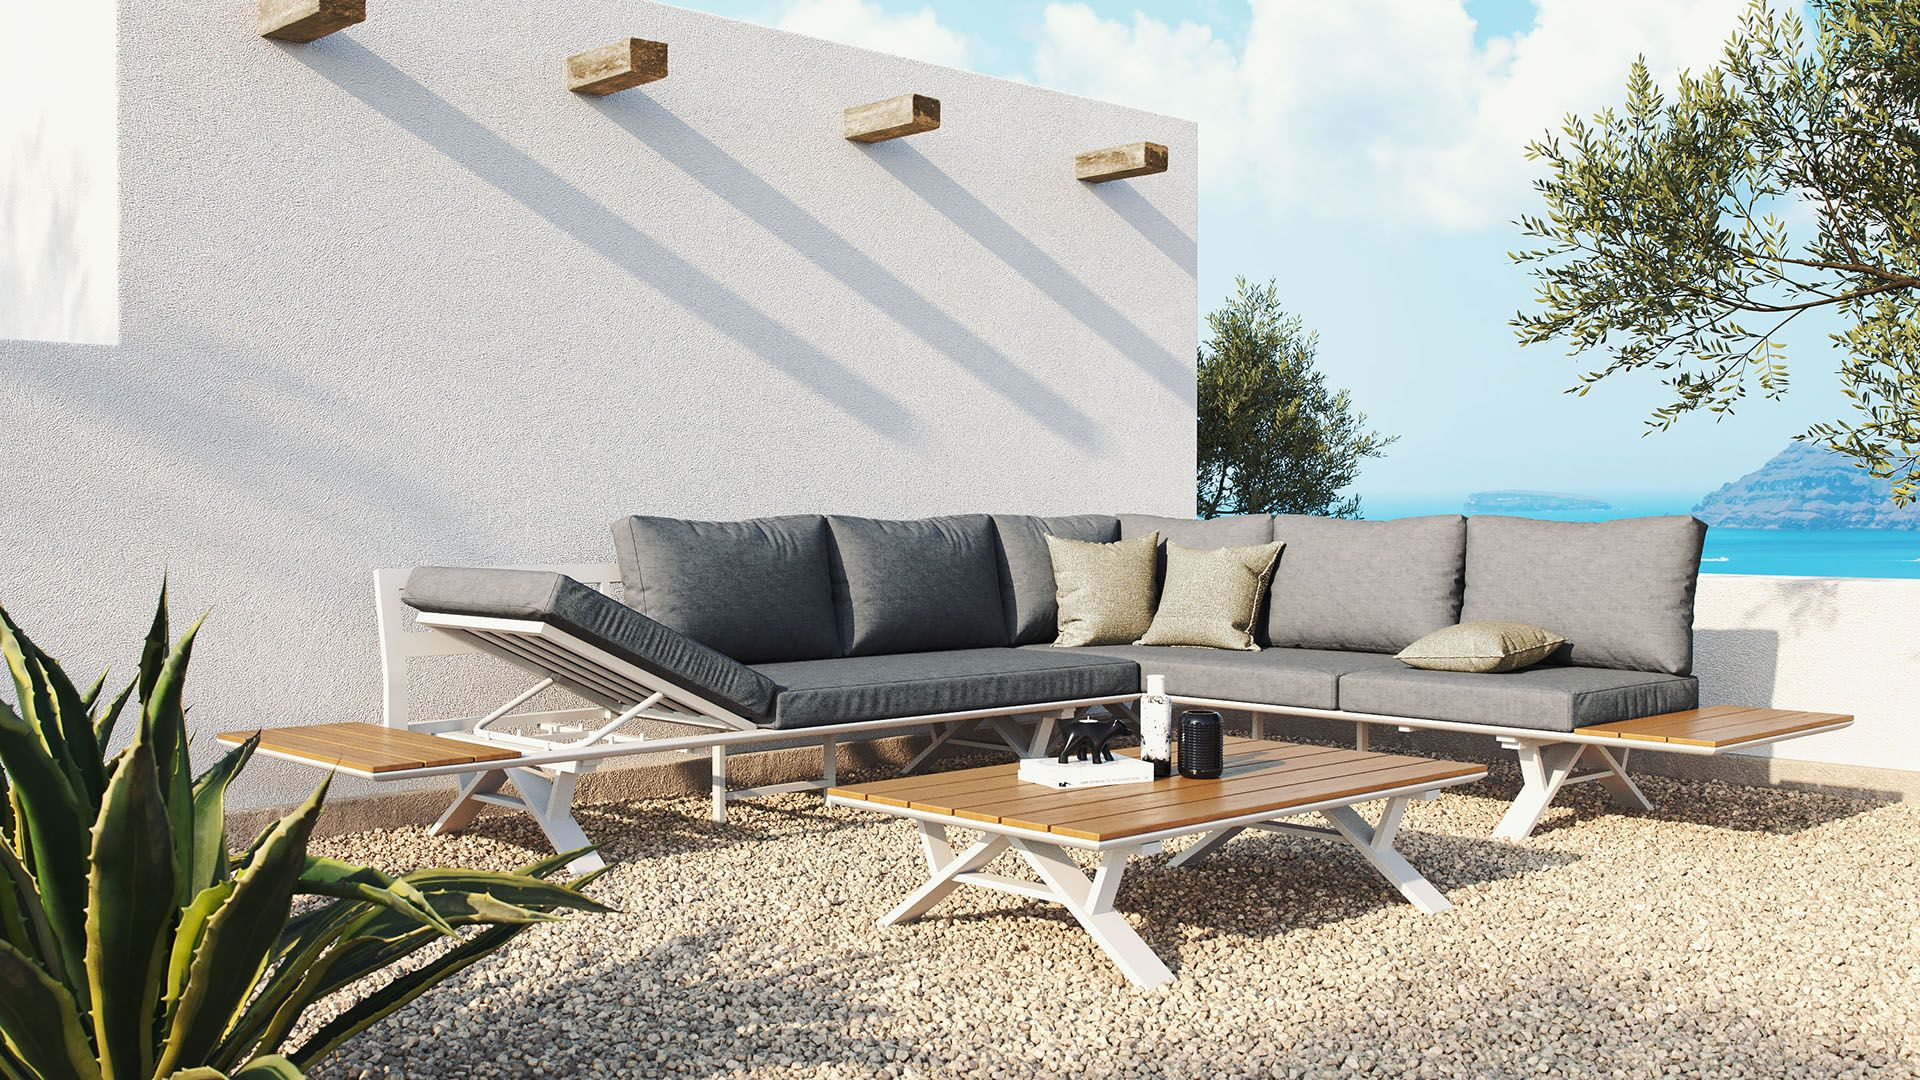 Juego de sofás que se puede usar también como tumbona